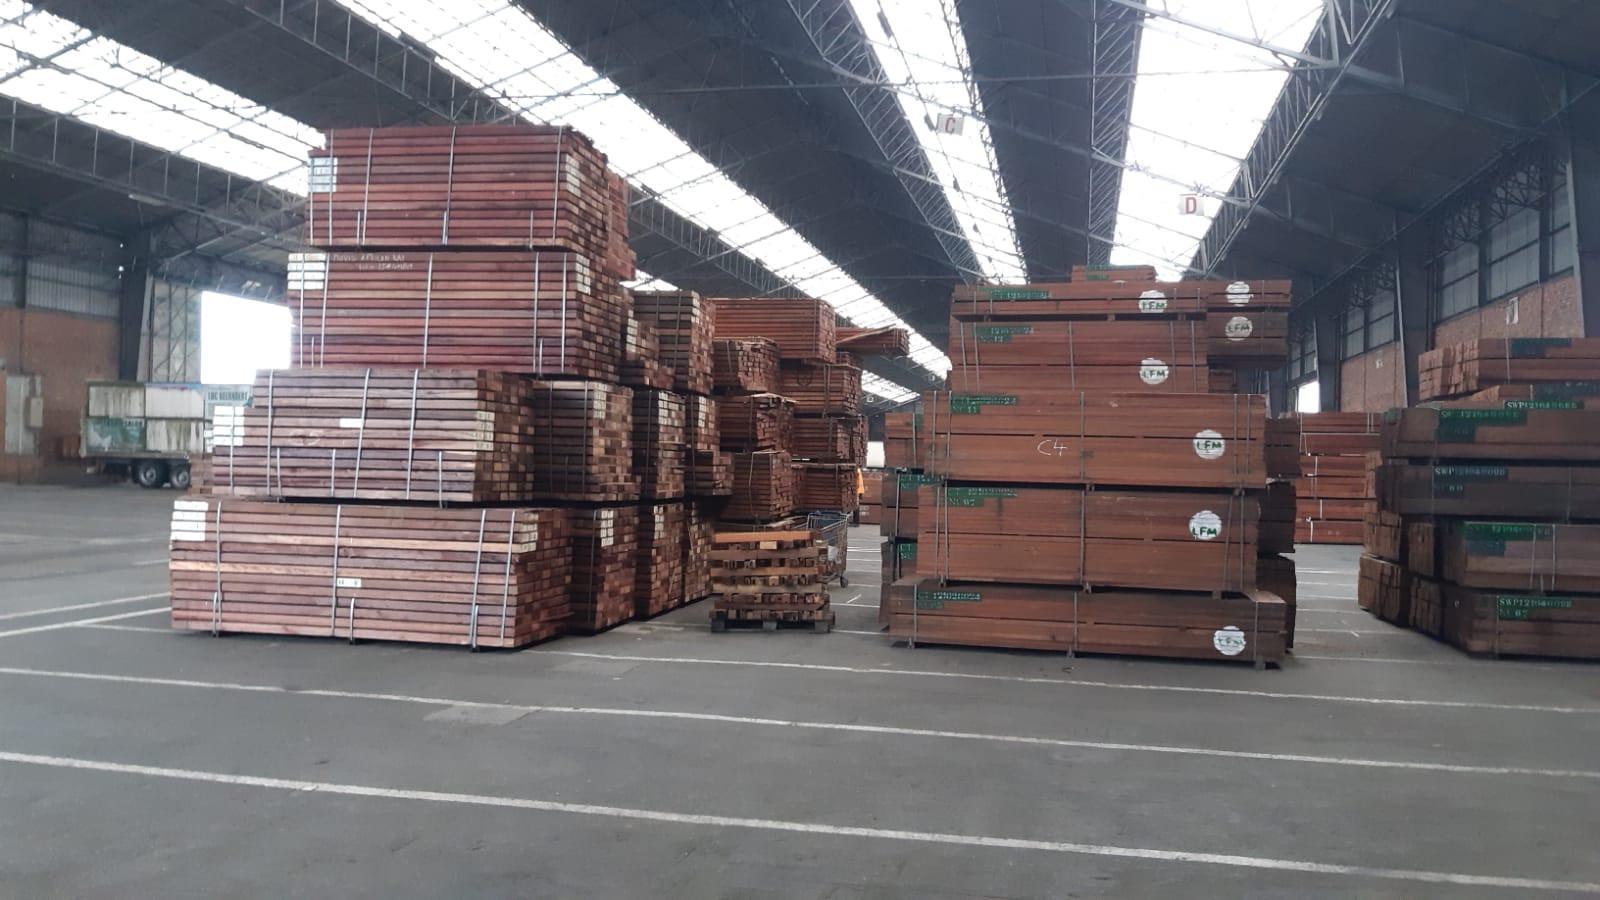 De politie Rotterdam heeft veertig vrachtwagens met vermoedelijk 'fout' hout onderschept.